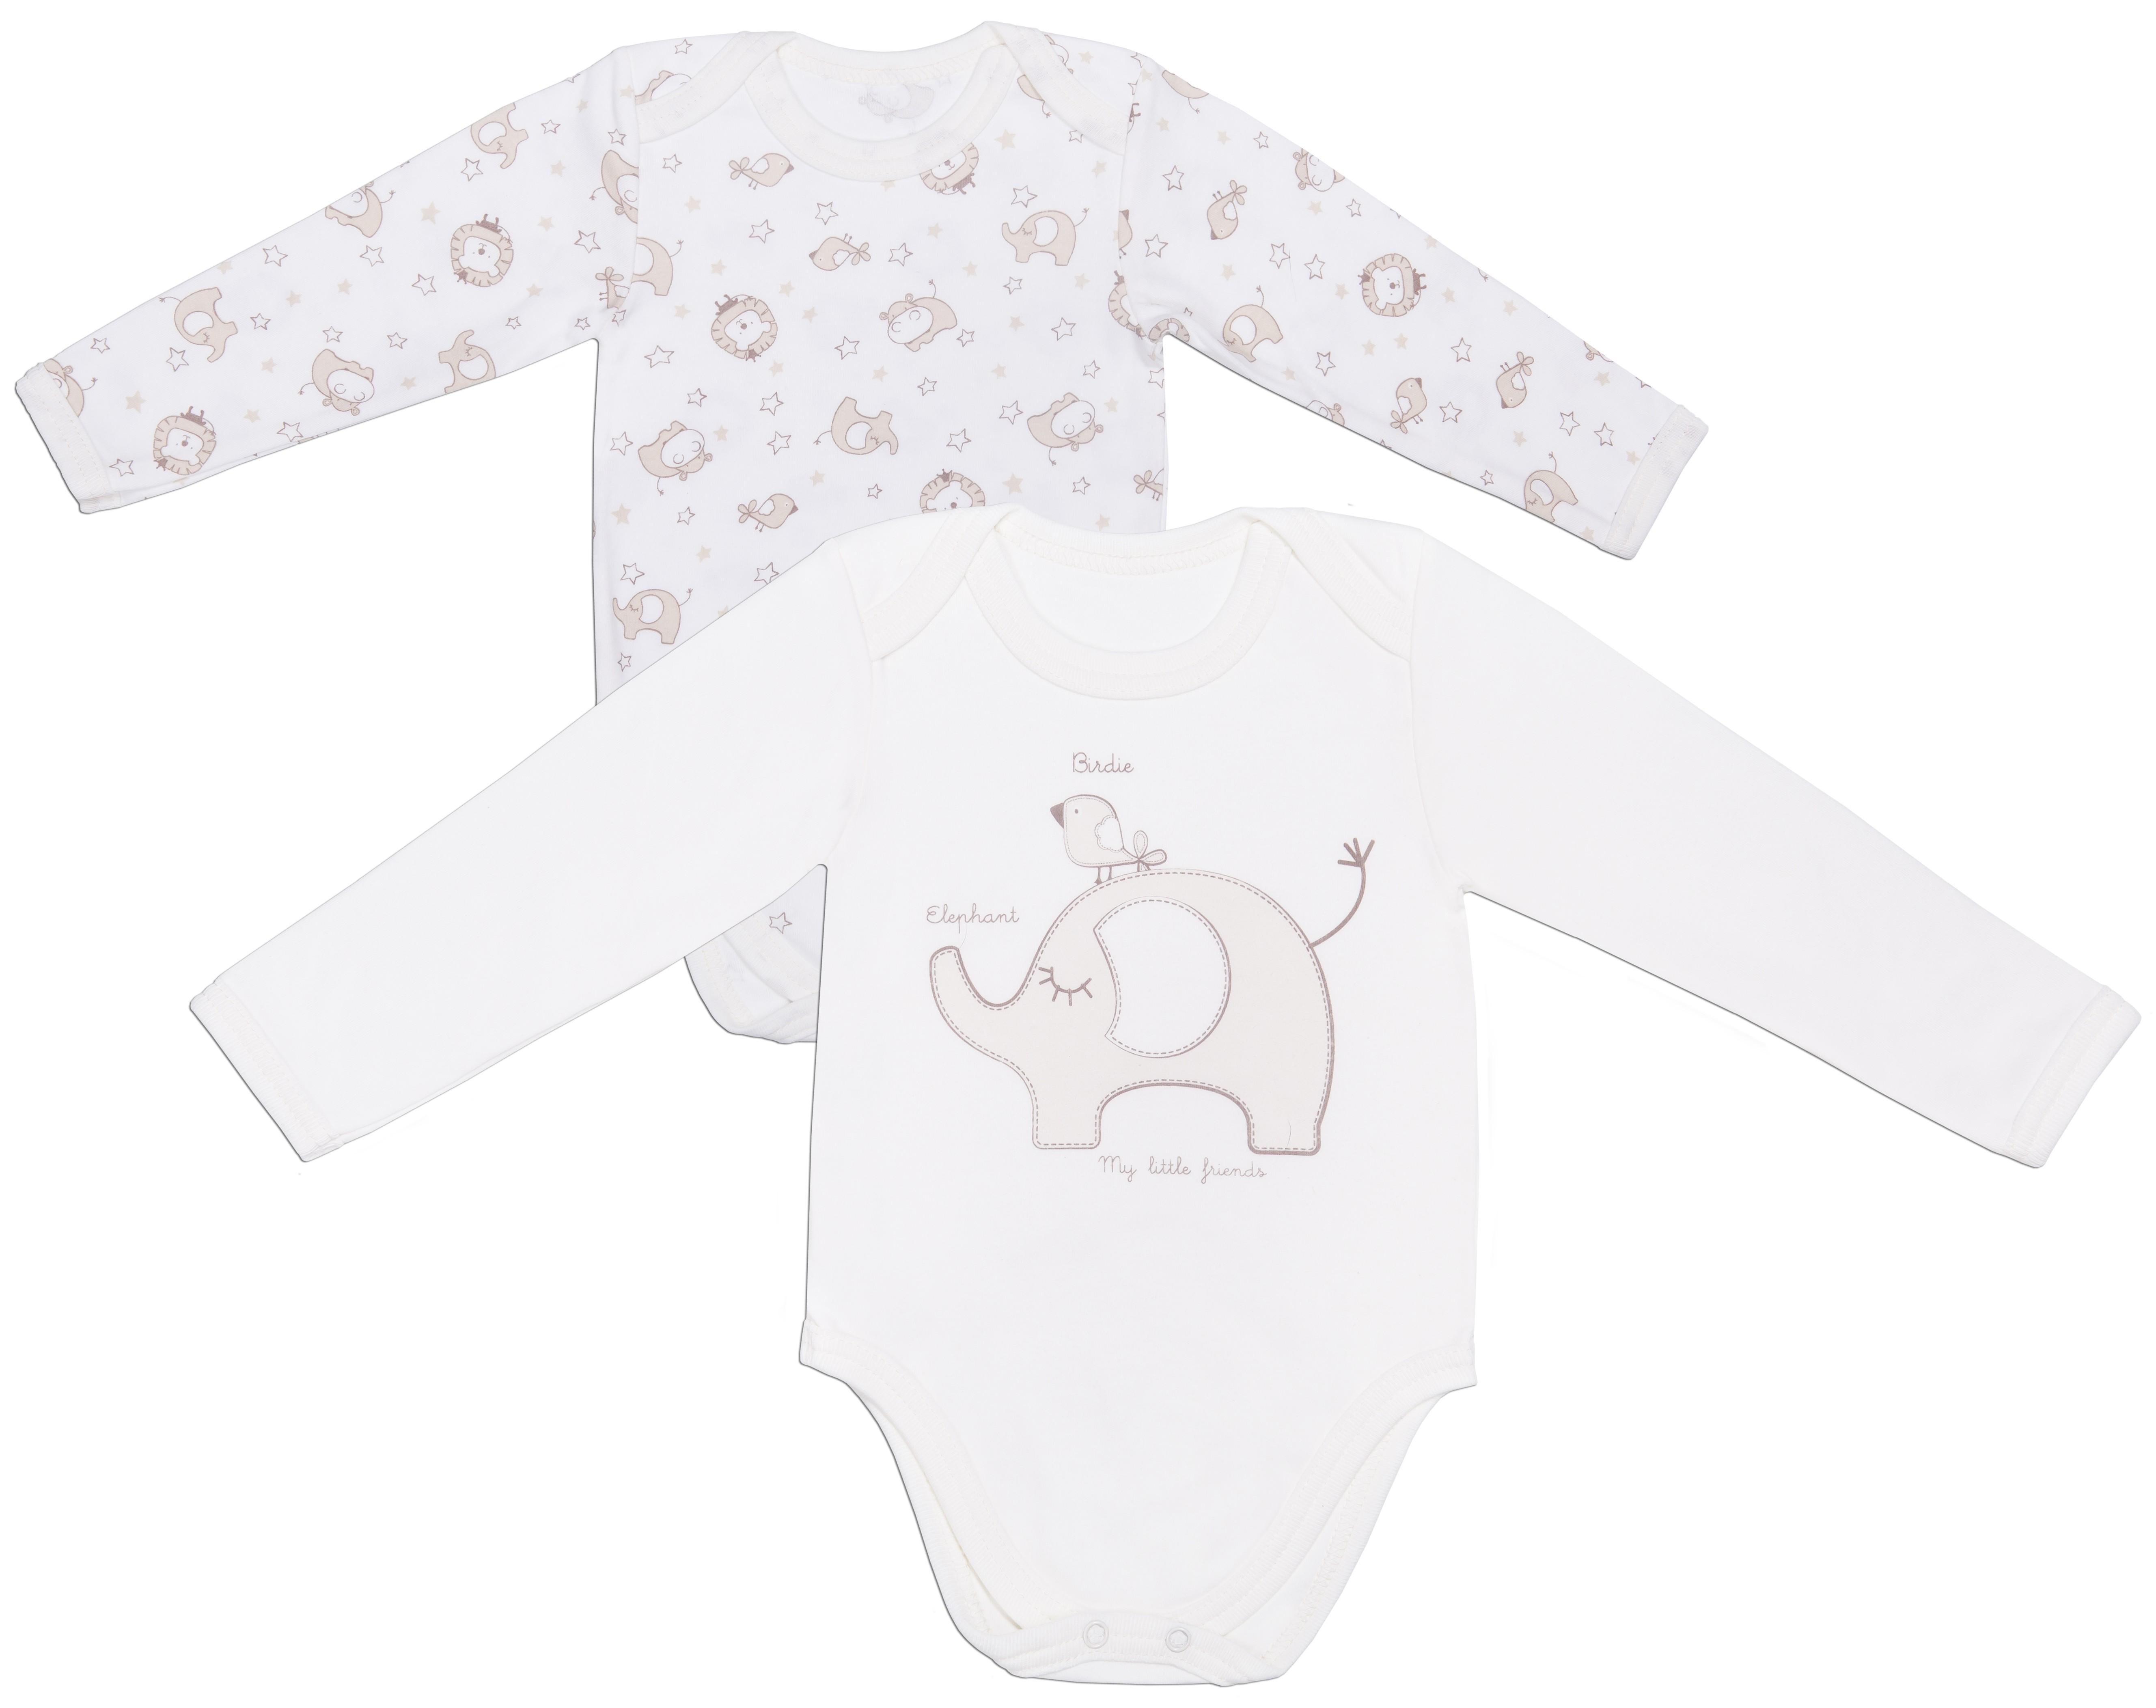 Купить Первые вещи новорожденного, Бегемотики с длинным рукавом, Barkito, Россия, экрю с рисунком /экрю